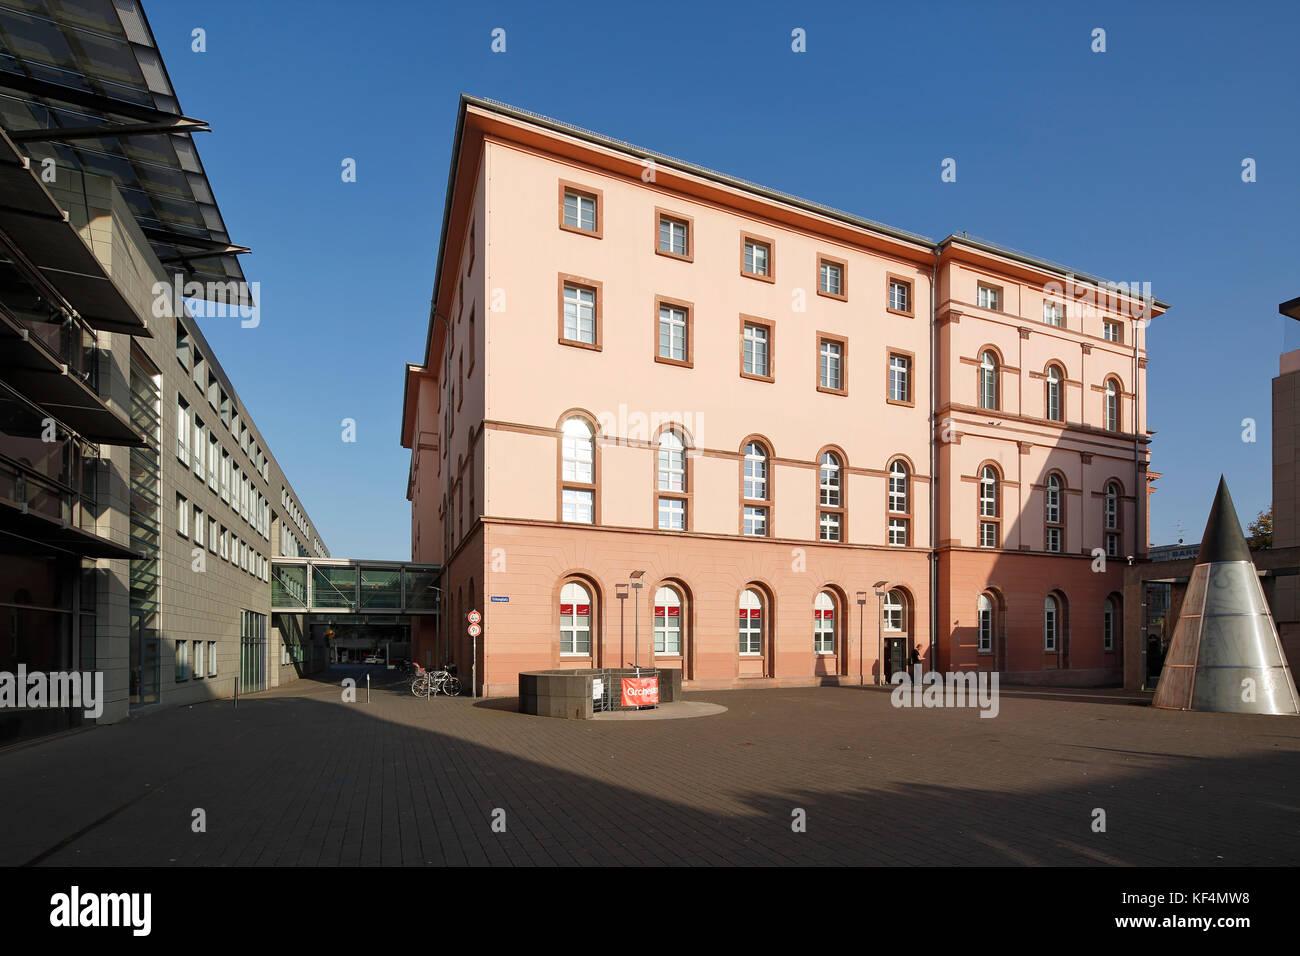 Staatstheater in Mainz, Rheinland-Pfalz, Kleines Haus und Grosses Haus mit Tritonplatz, Verbindungsbruecke, Fussgaengerbruecke, Stock Photo